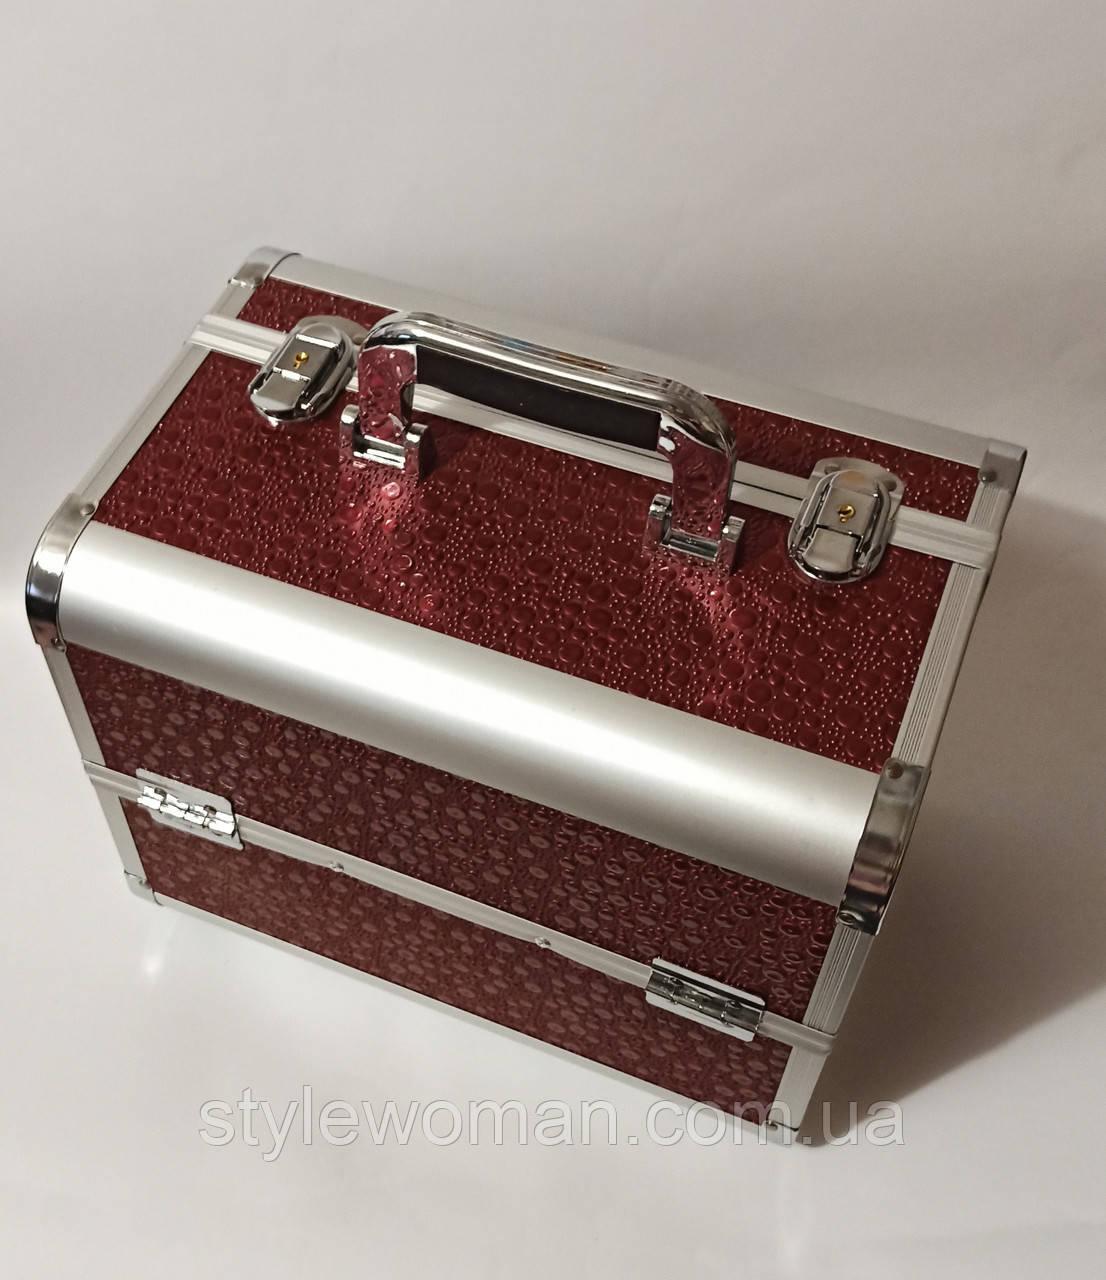 Бьюти кейс алюминиевый чемодан с ключем бордово коричневый кружочки для мастеров капелька капучино